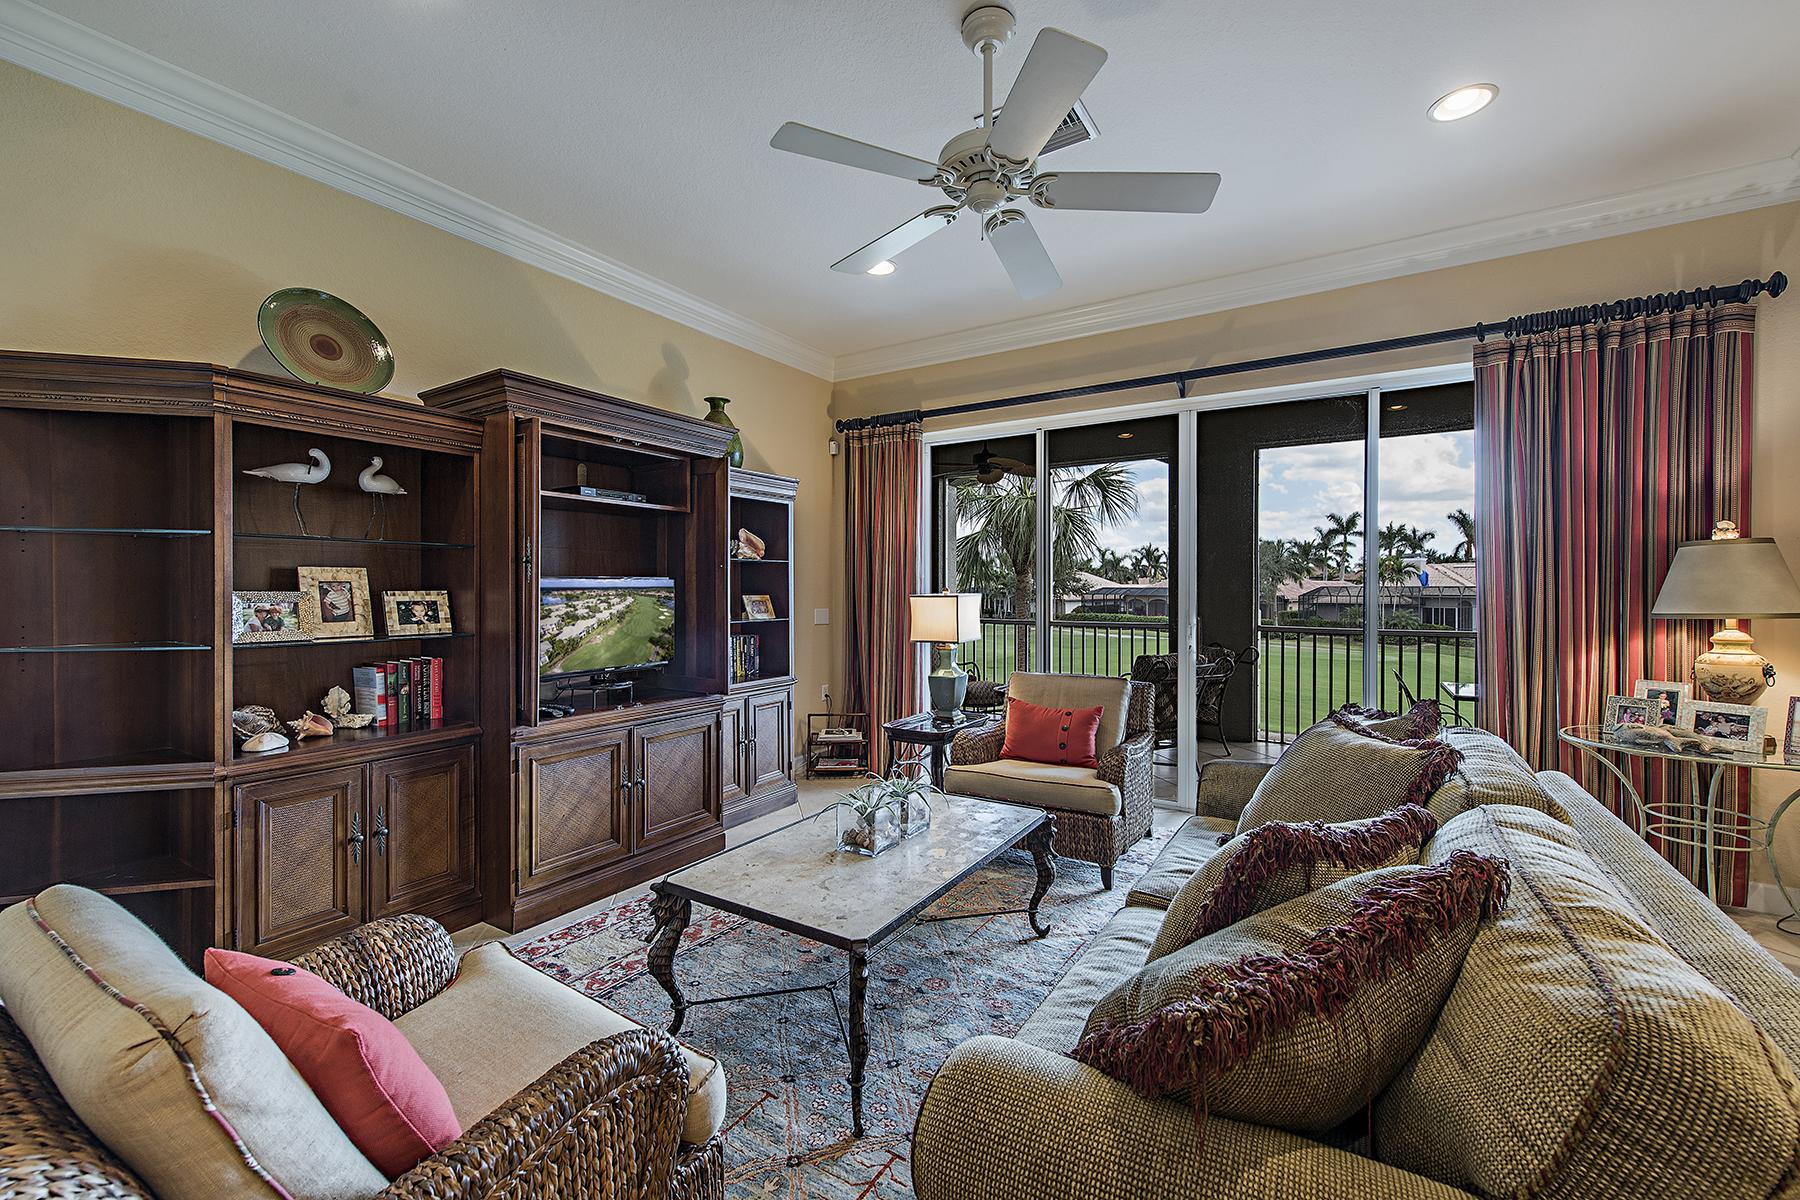 Кондоминиум для того Продажа на PELICAN MARSH - OSPREY POINTE 9049 Whimbrel Watch Ln 202, Naples, Флорида, 34109 Соединенные Штаты